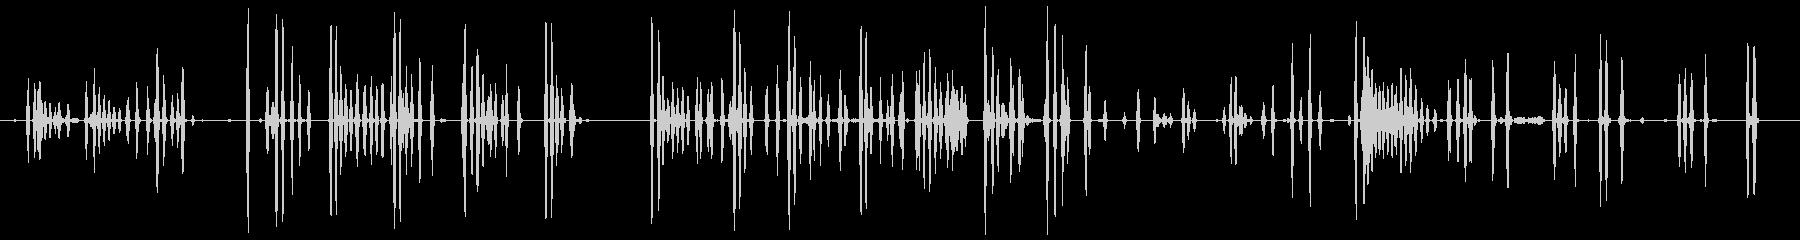 Barえる犬11-シベリアンハスキーの未再生の波形